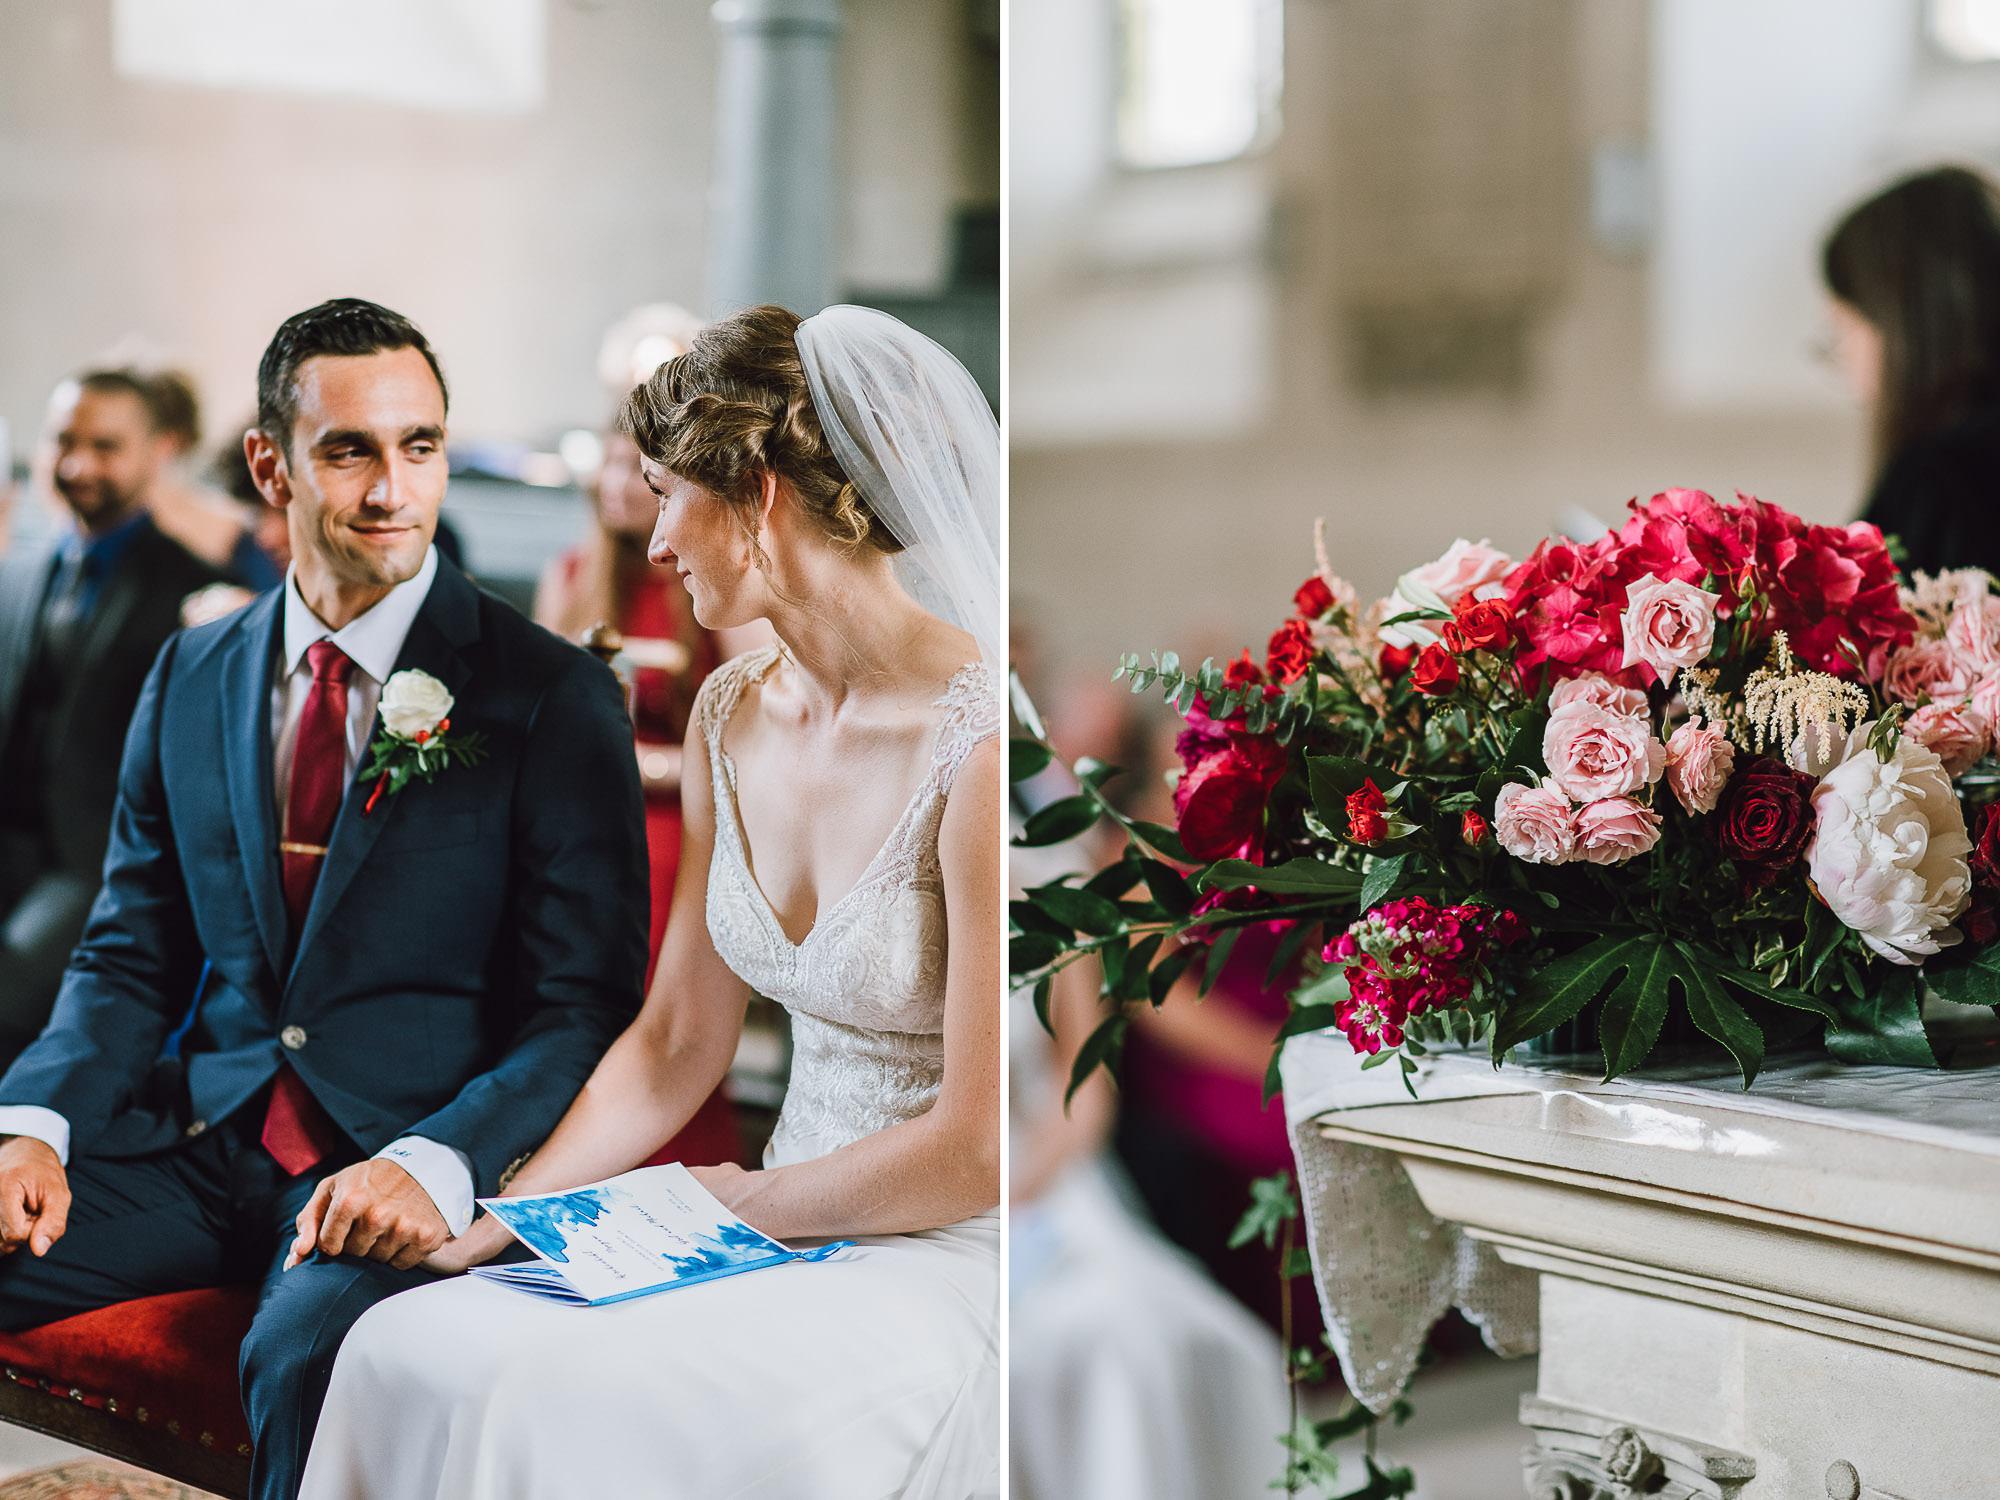 rustic-elegant-wedding-schloss-hochzeit-eyrichshof-franken-bamberg-061